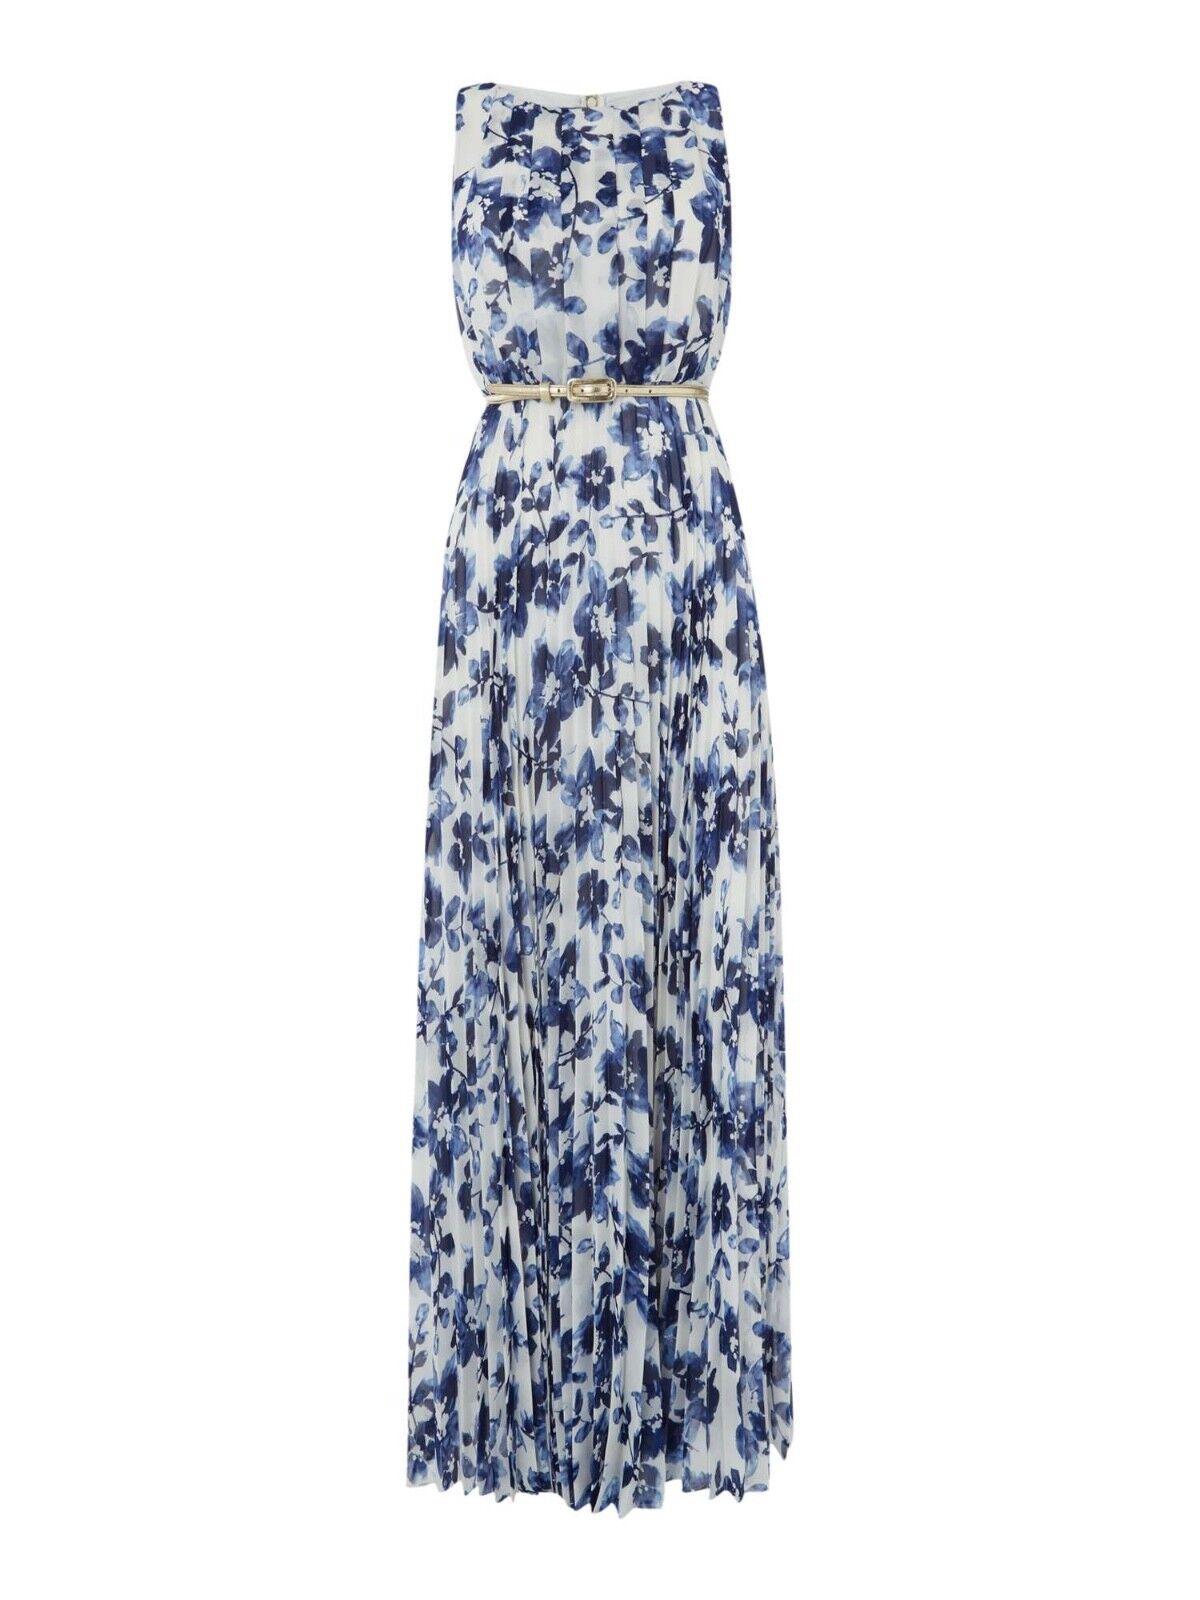 e6ba17226443 Ridotto con etichetta Bianco Blu J Floreale Maxi Abito Blu Navy (blu)  Dimensioni 16 prezzo consigliato NUOVA Eliza nnabql5343-Vestiti